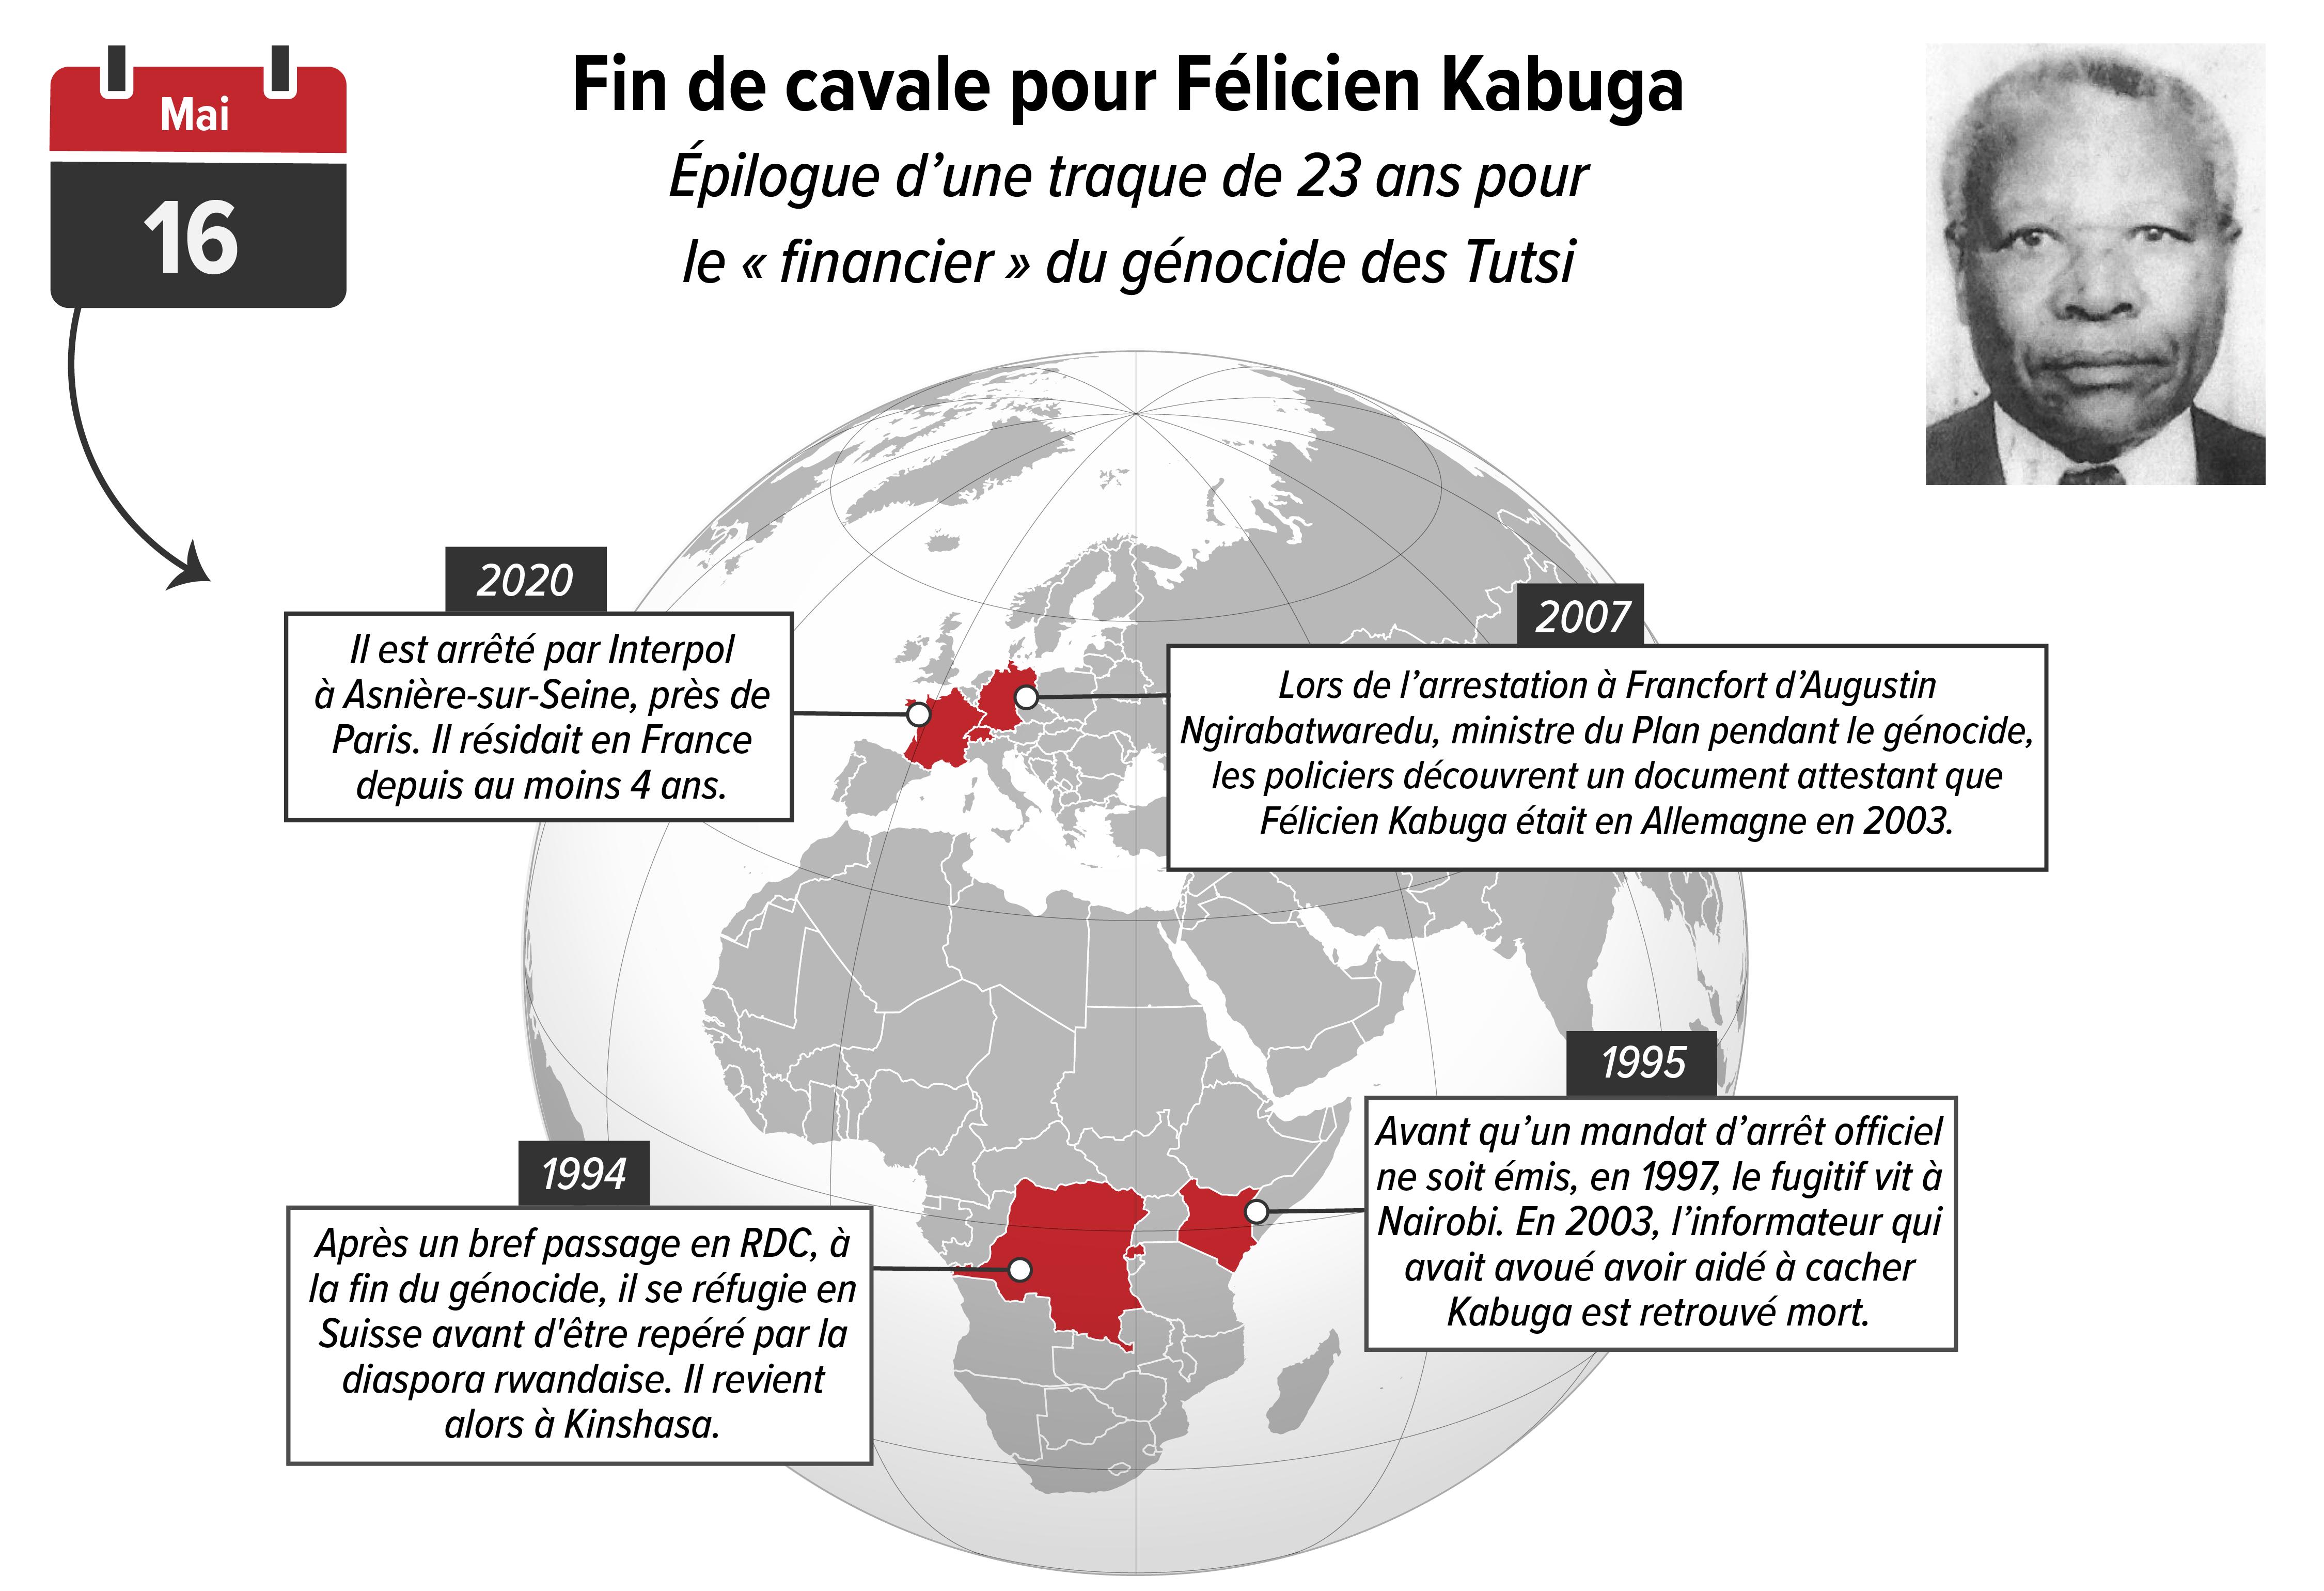 Félicien Kabuga